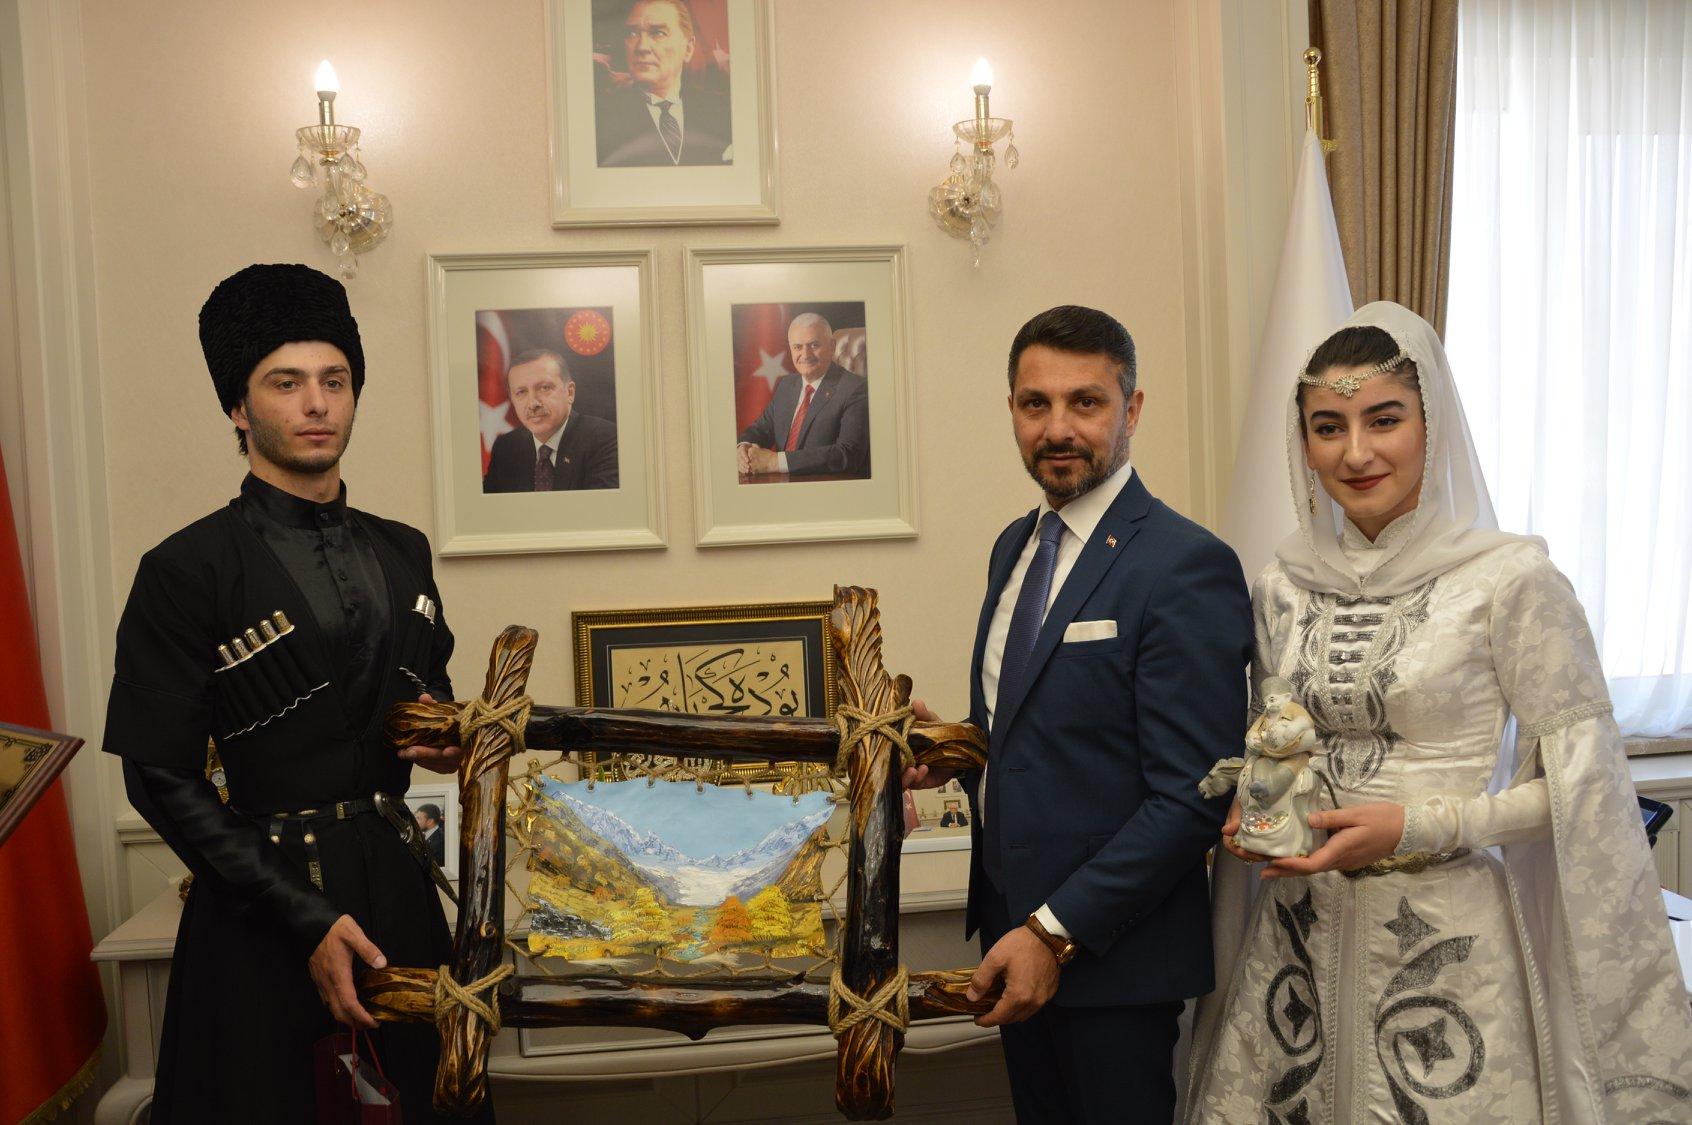 İlçemizde Ağırladığımız Yabancı Misafirlerden Başkanla Tanışma Ziyareti